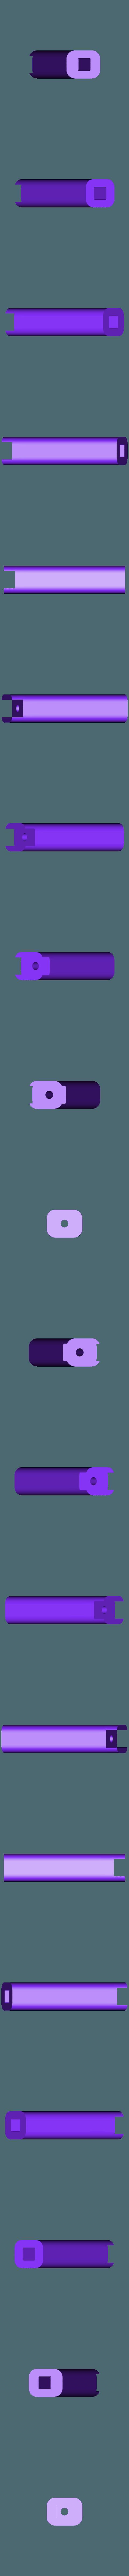 Housing_Motor.stl Télécharger fichier STL gratuit Cheval, Prototype • Design pour imprimante 3D, gzumwalt